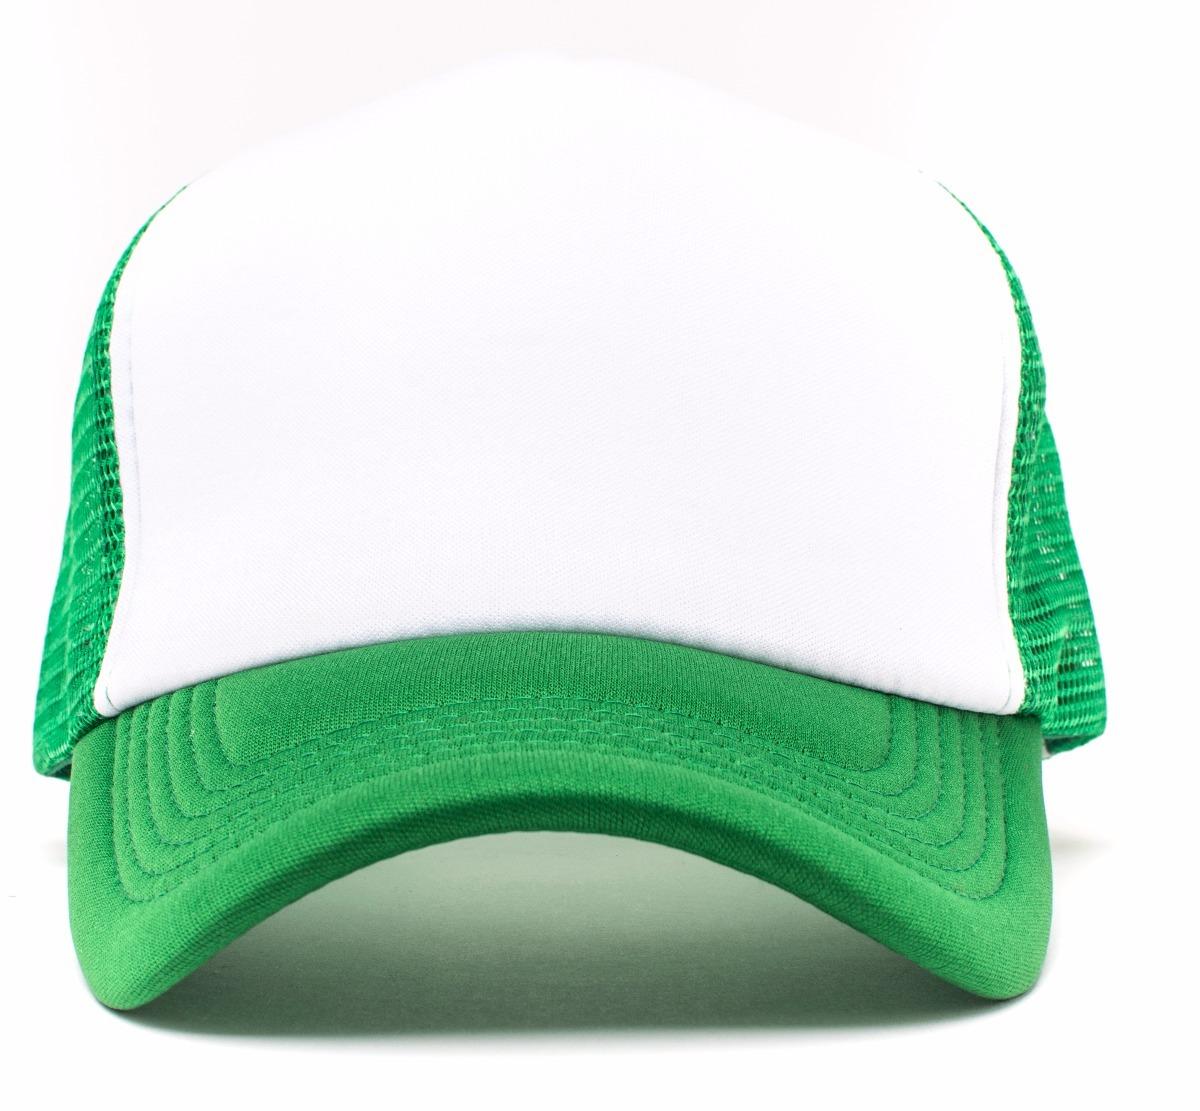 gorras trucker verde camionera lisa premium por mayor x 12 u. Cargando zoom. c70ad0a0418